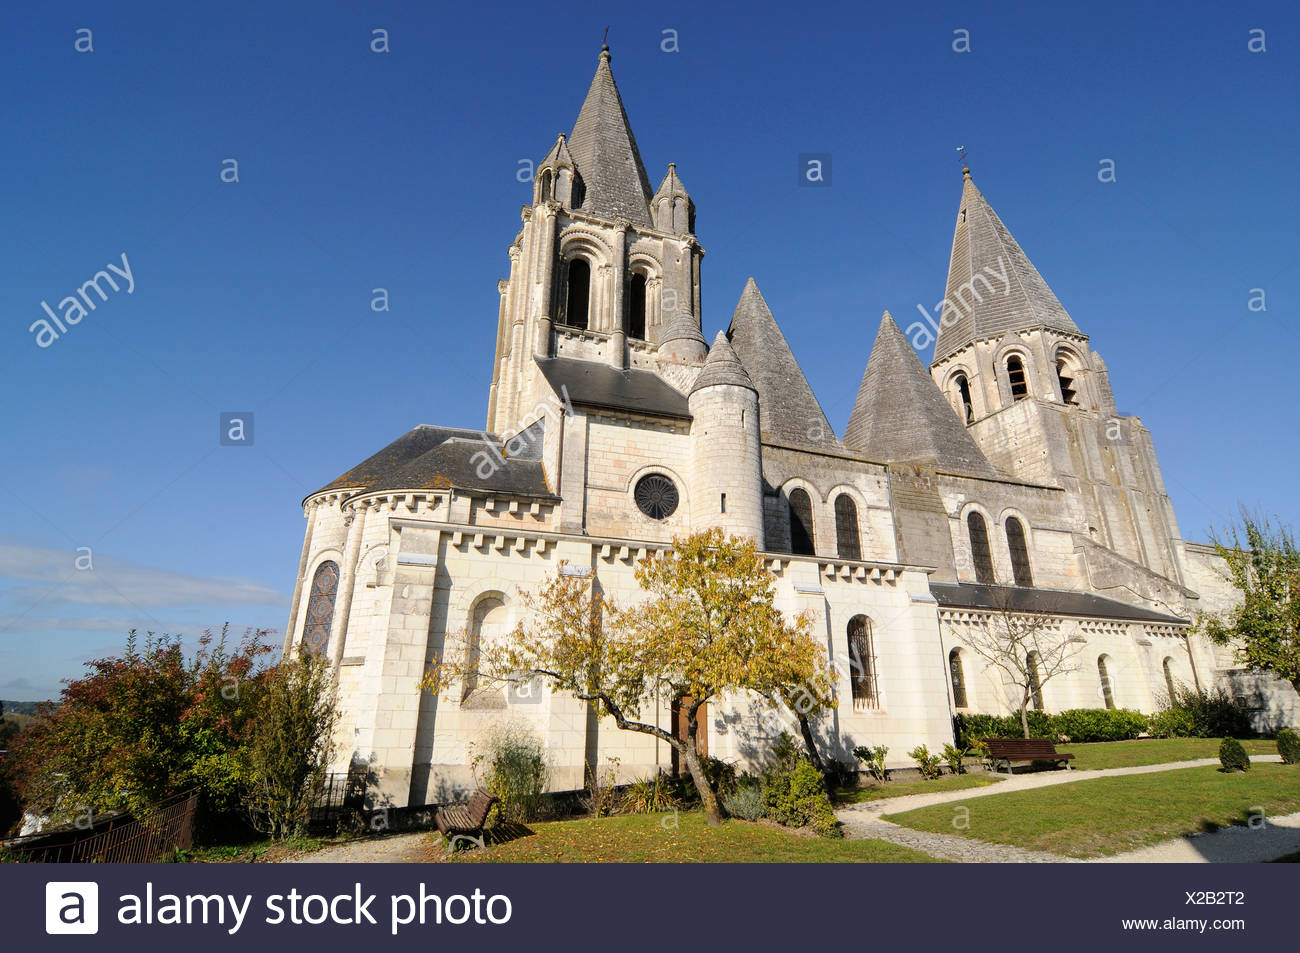 L'Église Saint-Ours, Castle Hill, Loches, communauté, Tours, Indre-et-Loire, région Centre, France, Europe Photo Stock